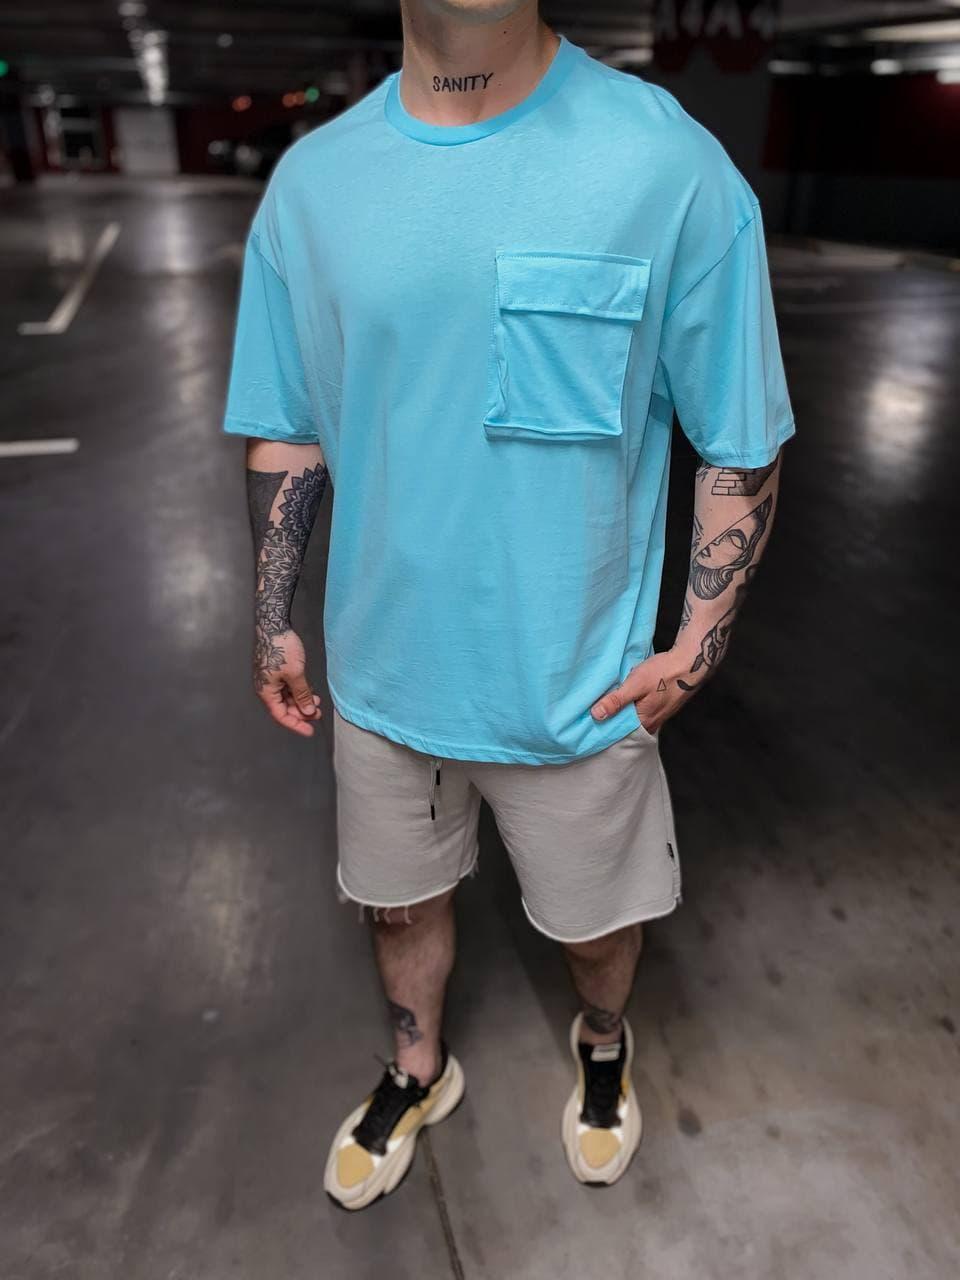 Мужская футболка удлиненная голубая с накладным карманом